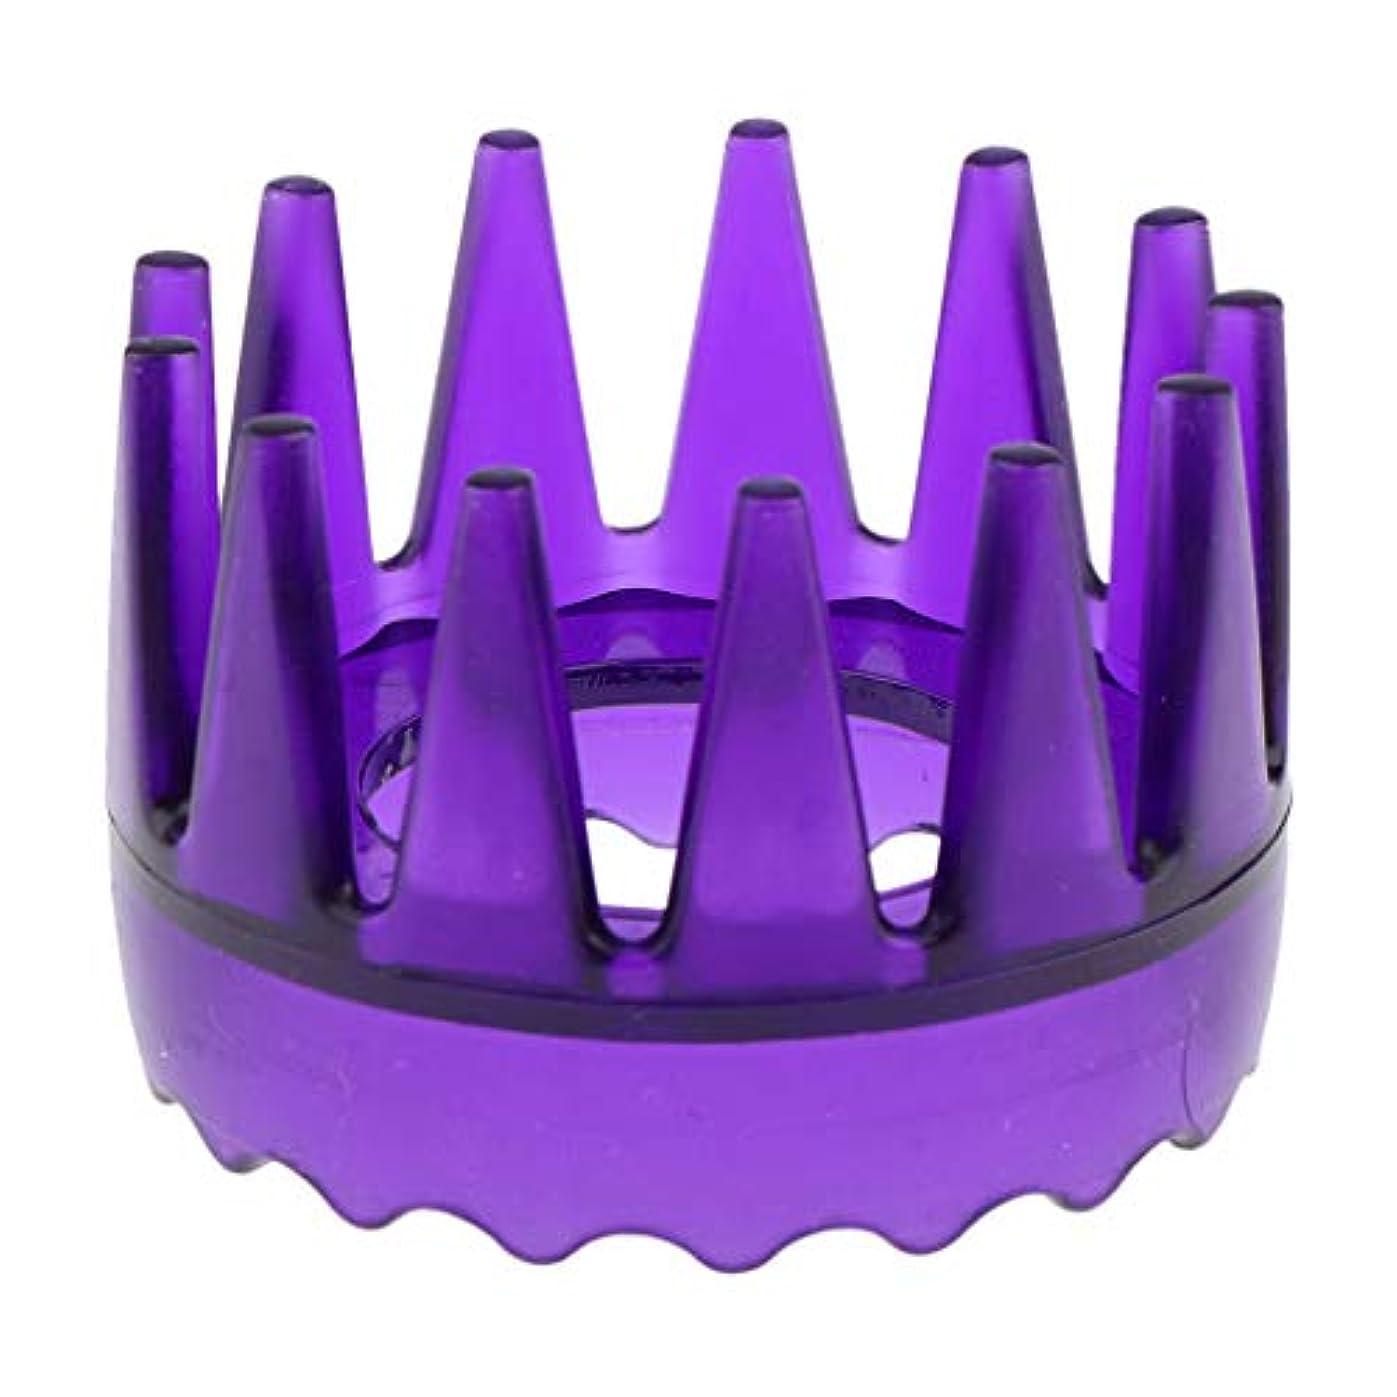 良いヘッジサイズT TOOYFUL 頭皮マッサージブラシ ヘアブラシ ヘアコーム ヘアケア シャワー 洗髪櫛 滑り止め 全4色 - 紫